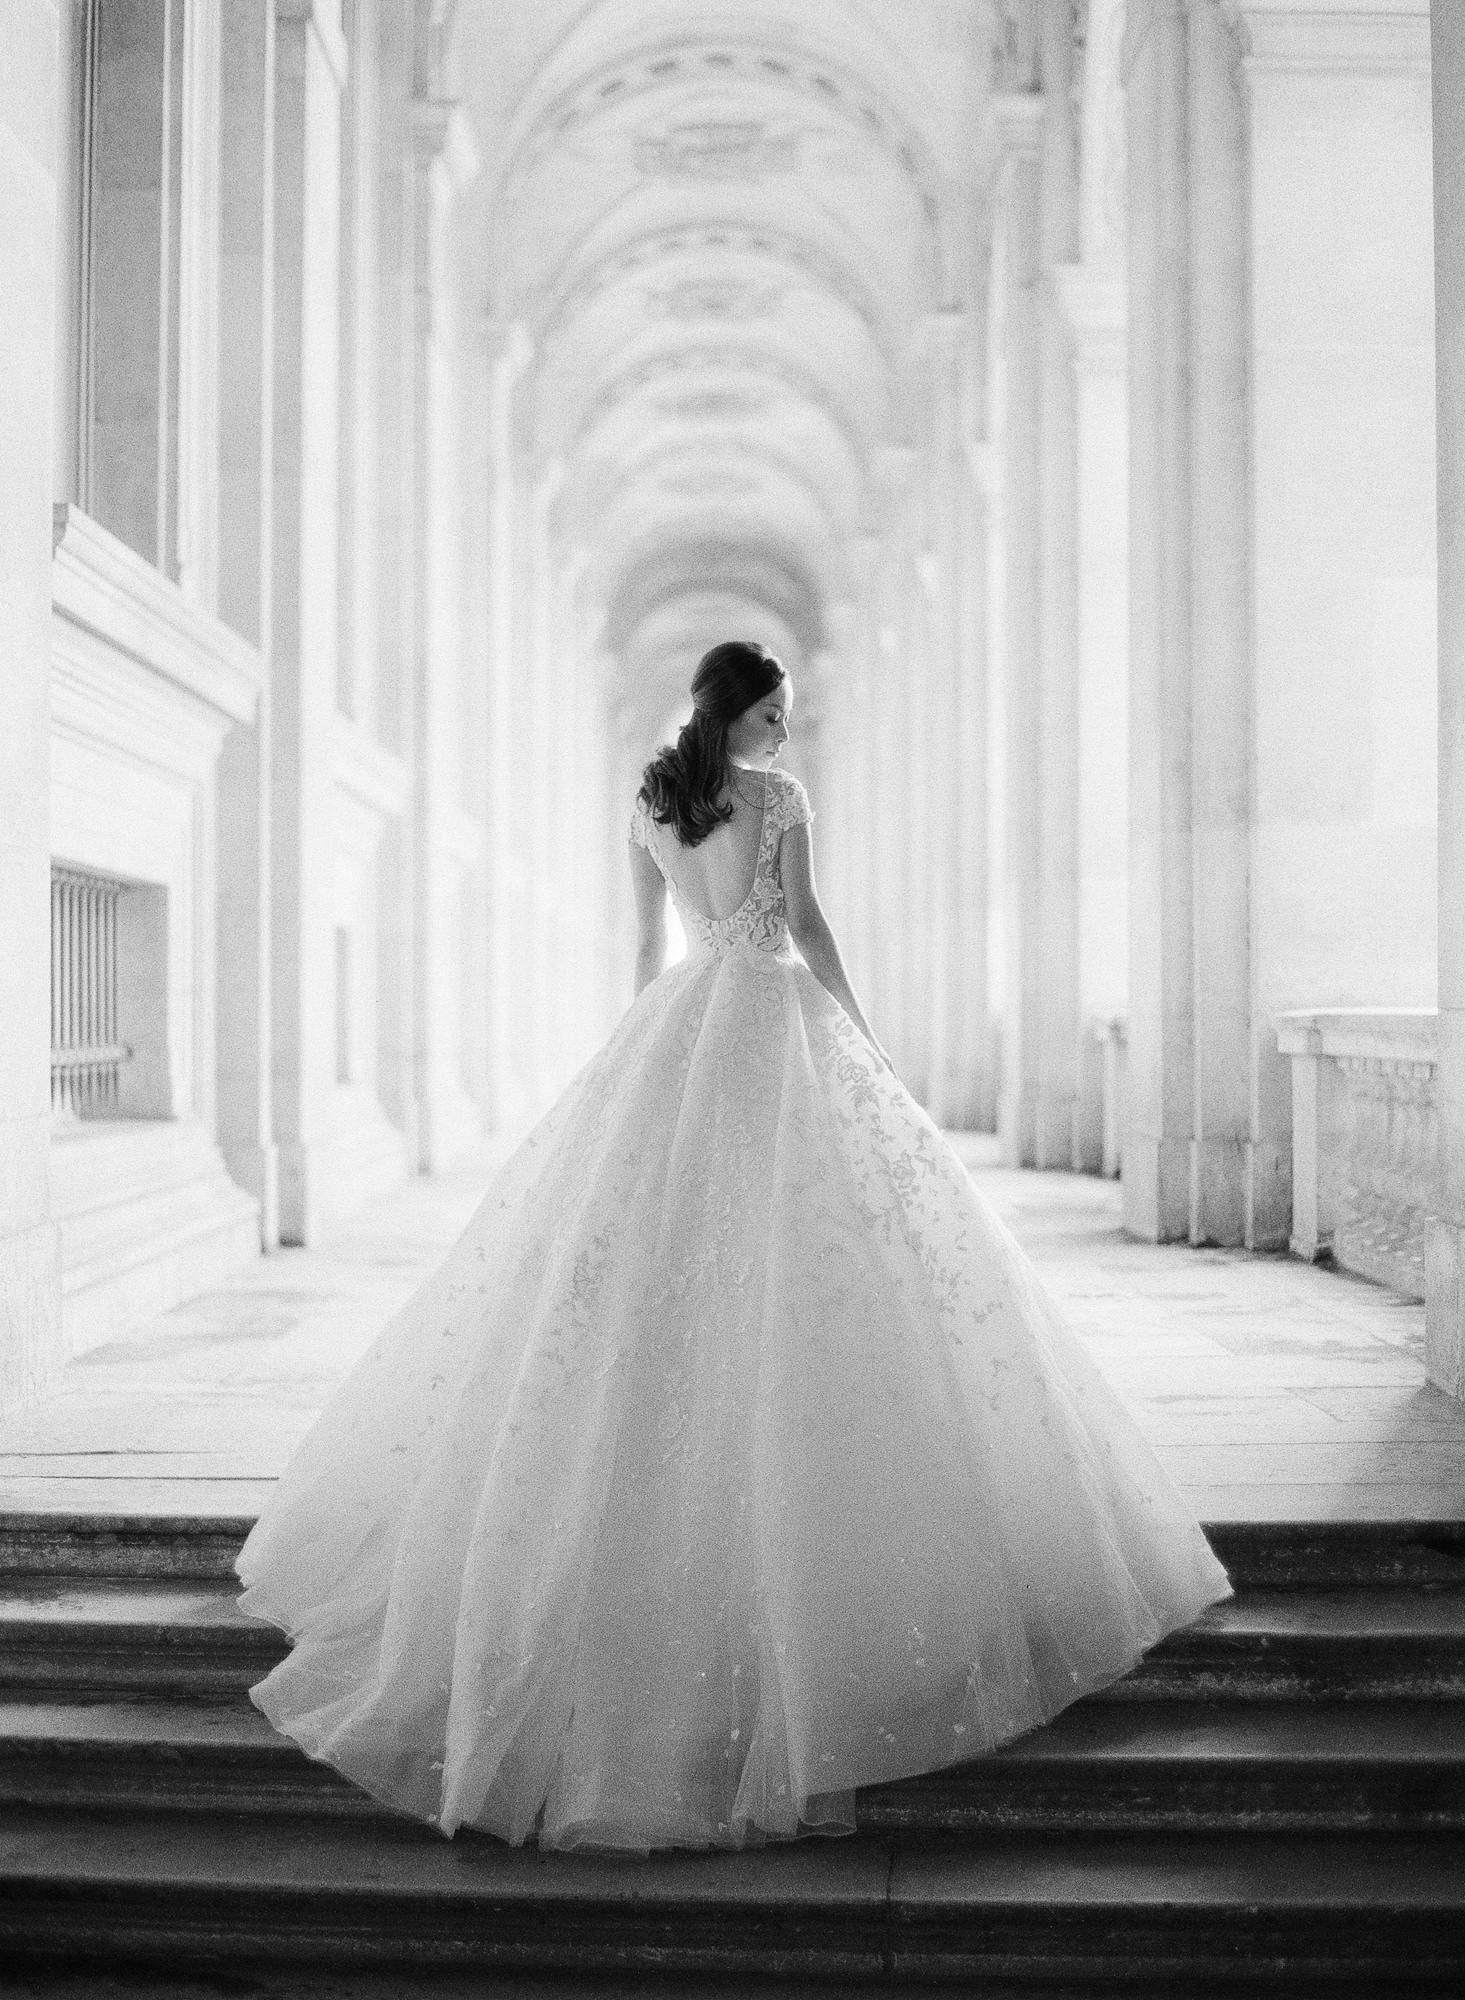 Bride in romantic long ballroom in Parisian collonade - Greg Finck Photography